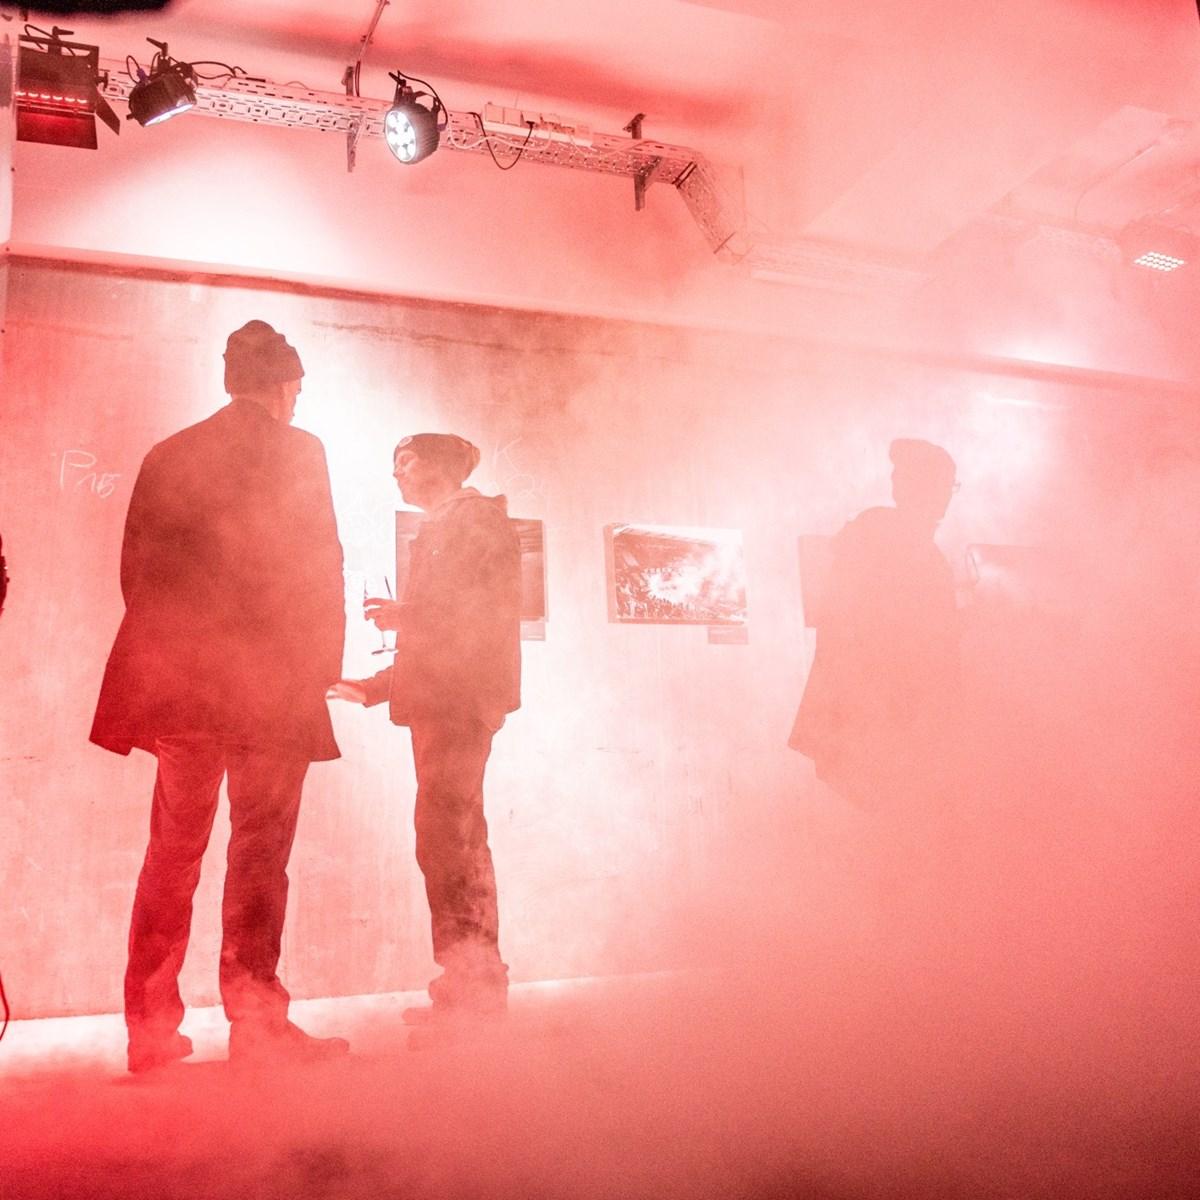 FC St. Pauli visuell: Die große Fotoausstellung feierte ihre Vernissage im Frühjahr 2018